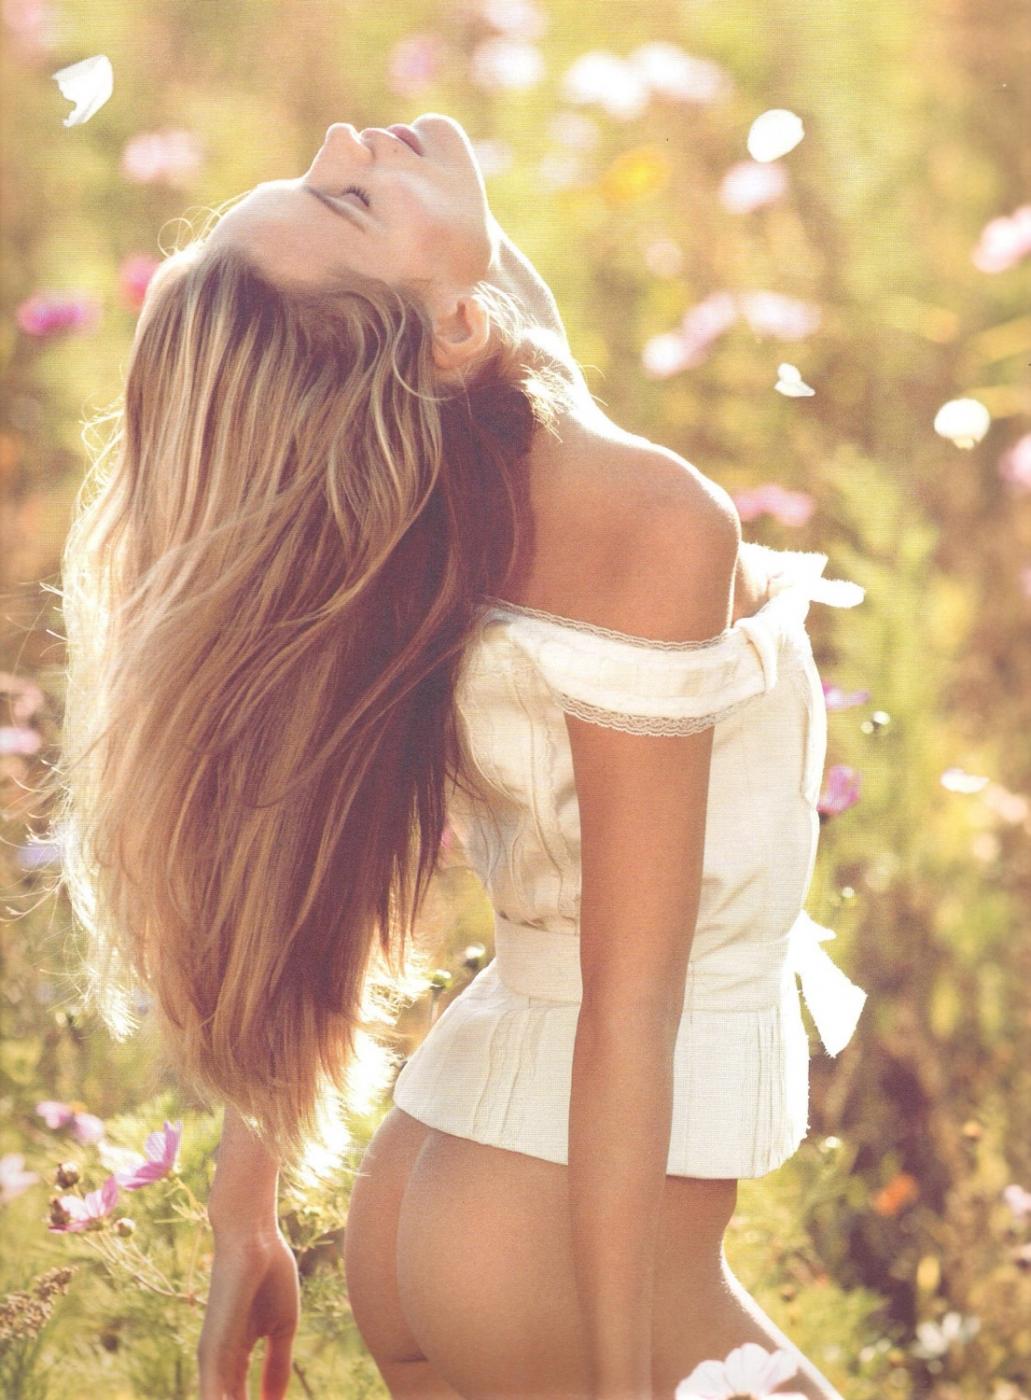 Фото девушка сзади кудрявая 18 фотография